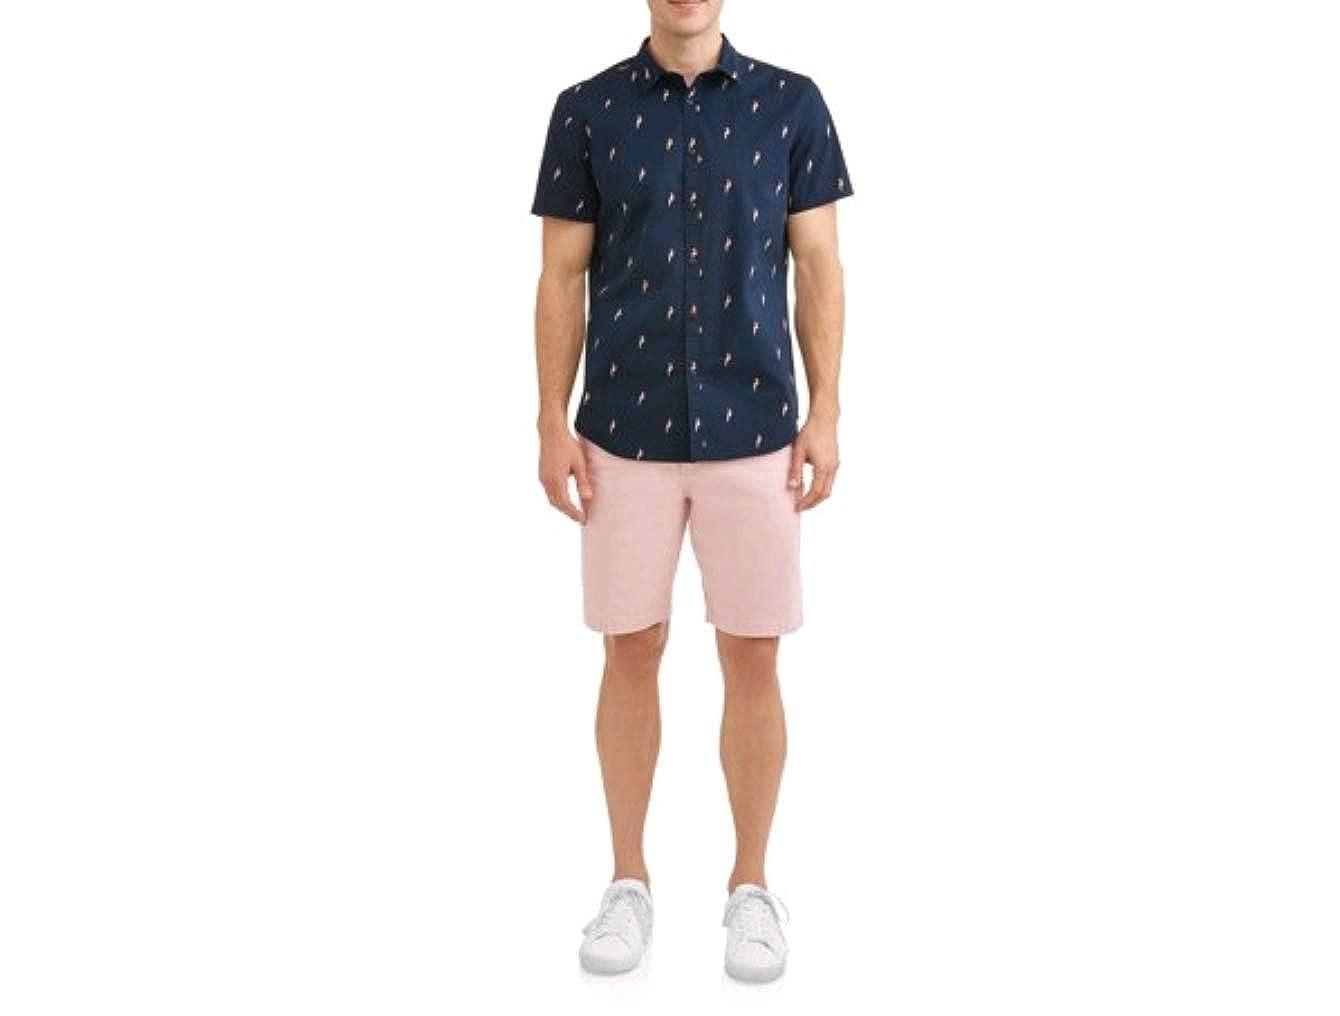 Mens Navy Parrot Print Short Sleeve Button Up Woven Shirt